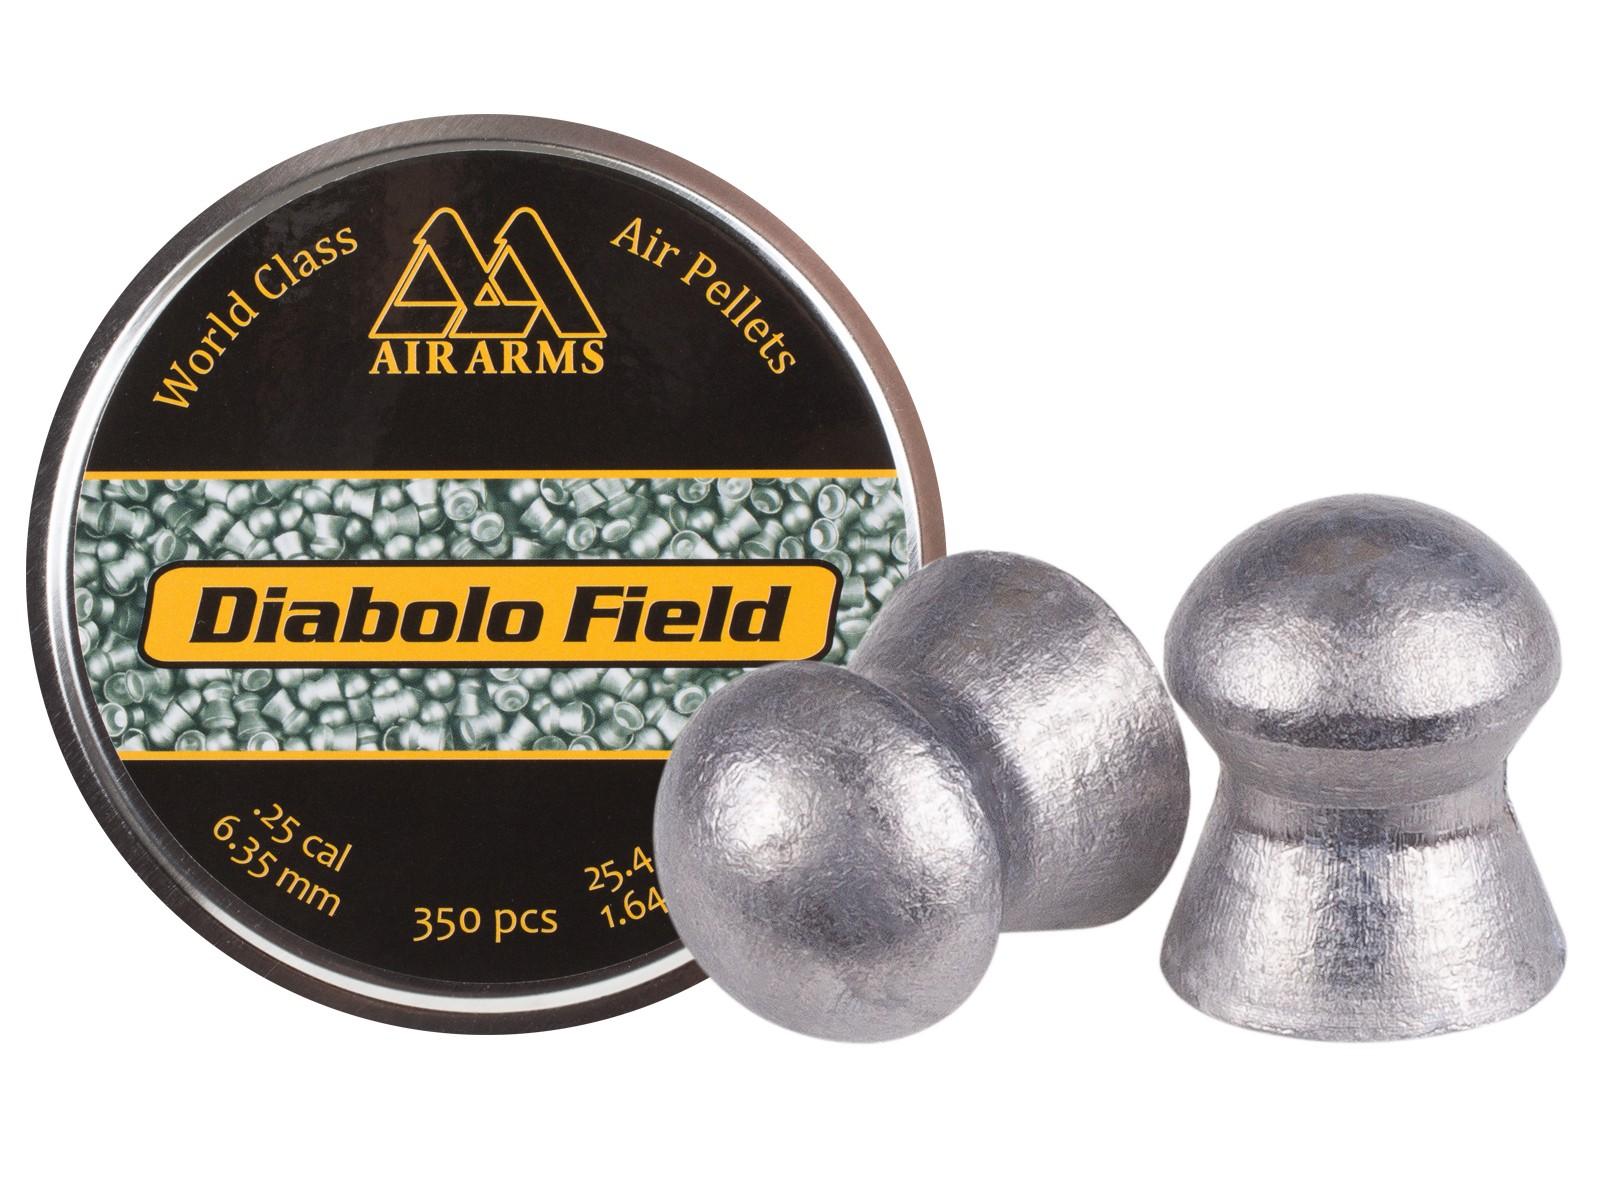 Air Arms Diabolo Field .25 Cal, 25.4 Grains, Domed, 350ct